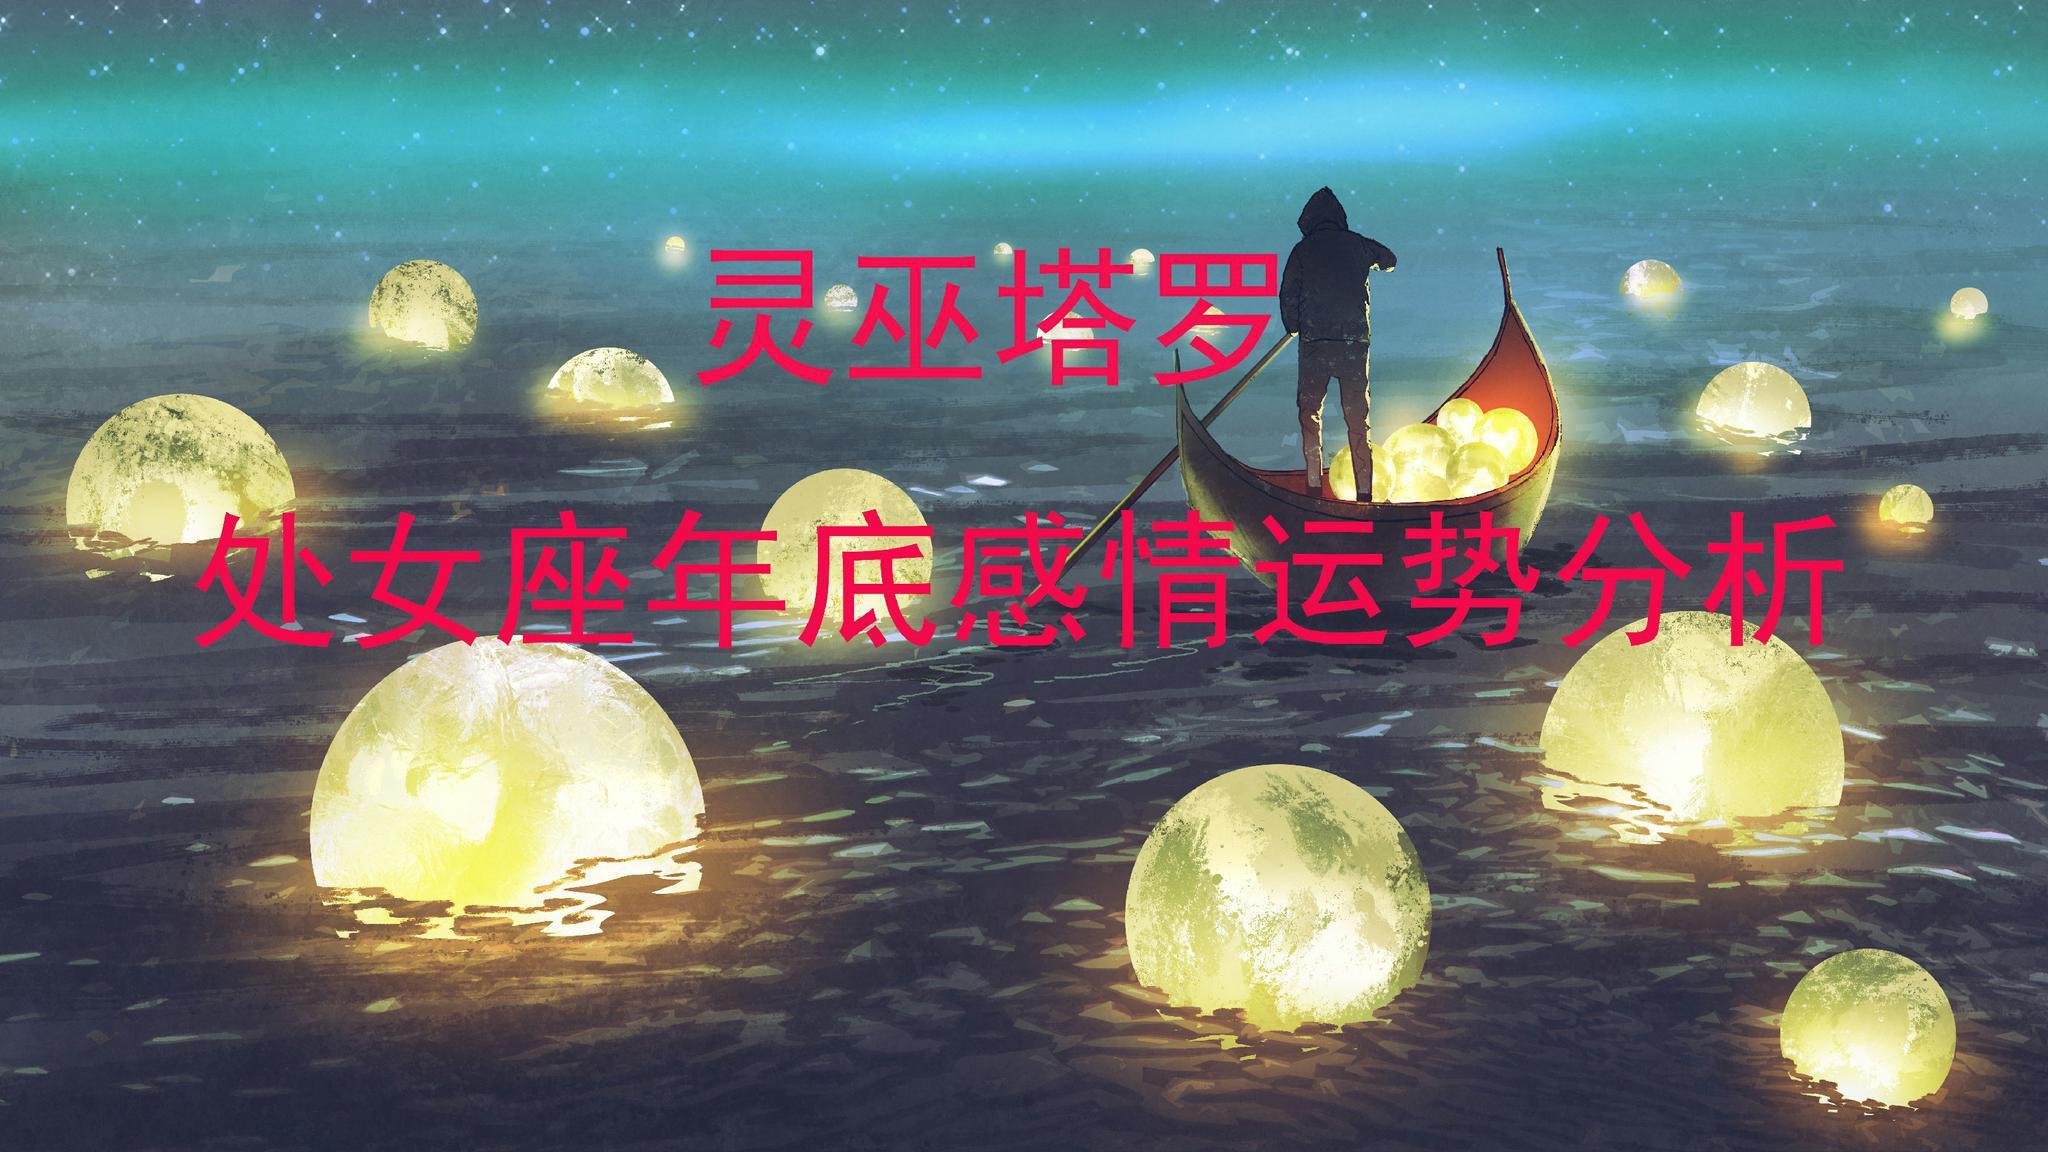 灵巫塔罗:处女座年底运势,对世界充满好奇,得到就不会珍惜